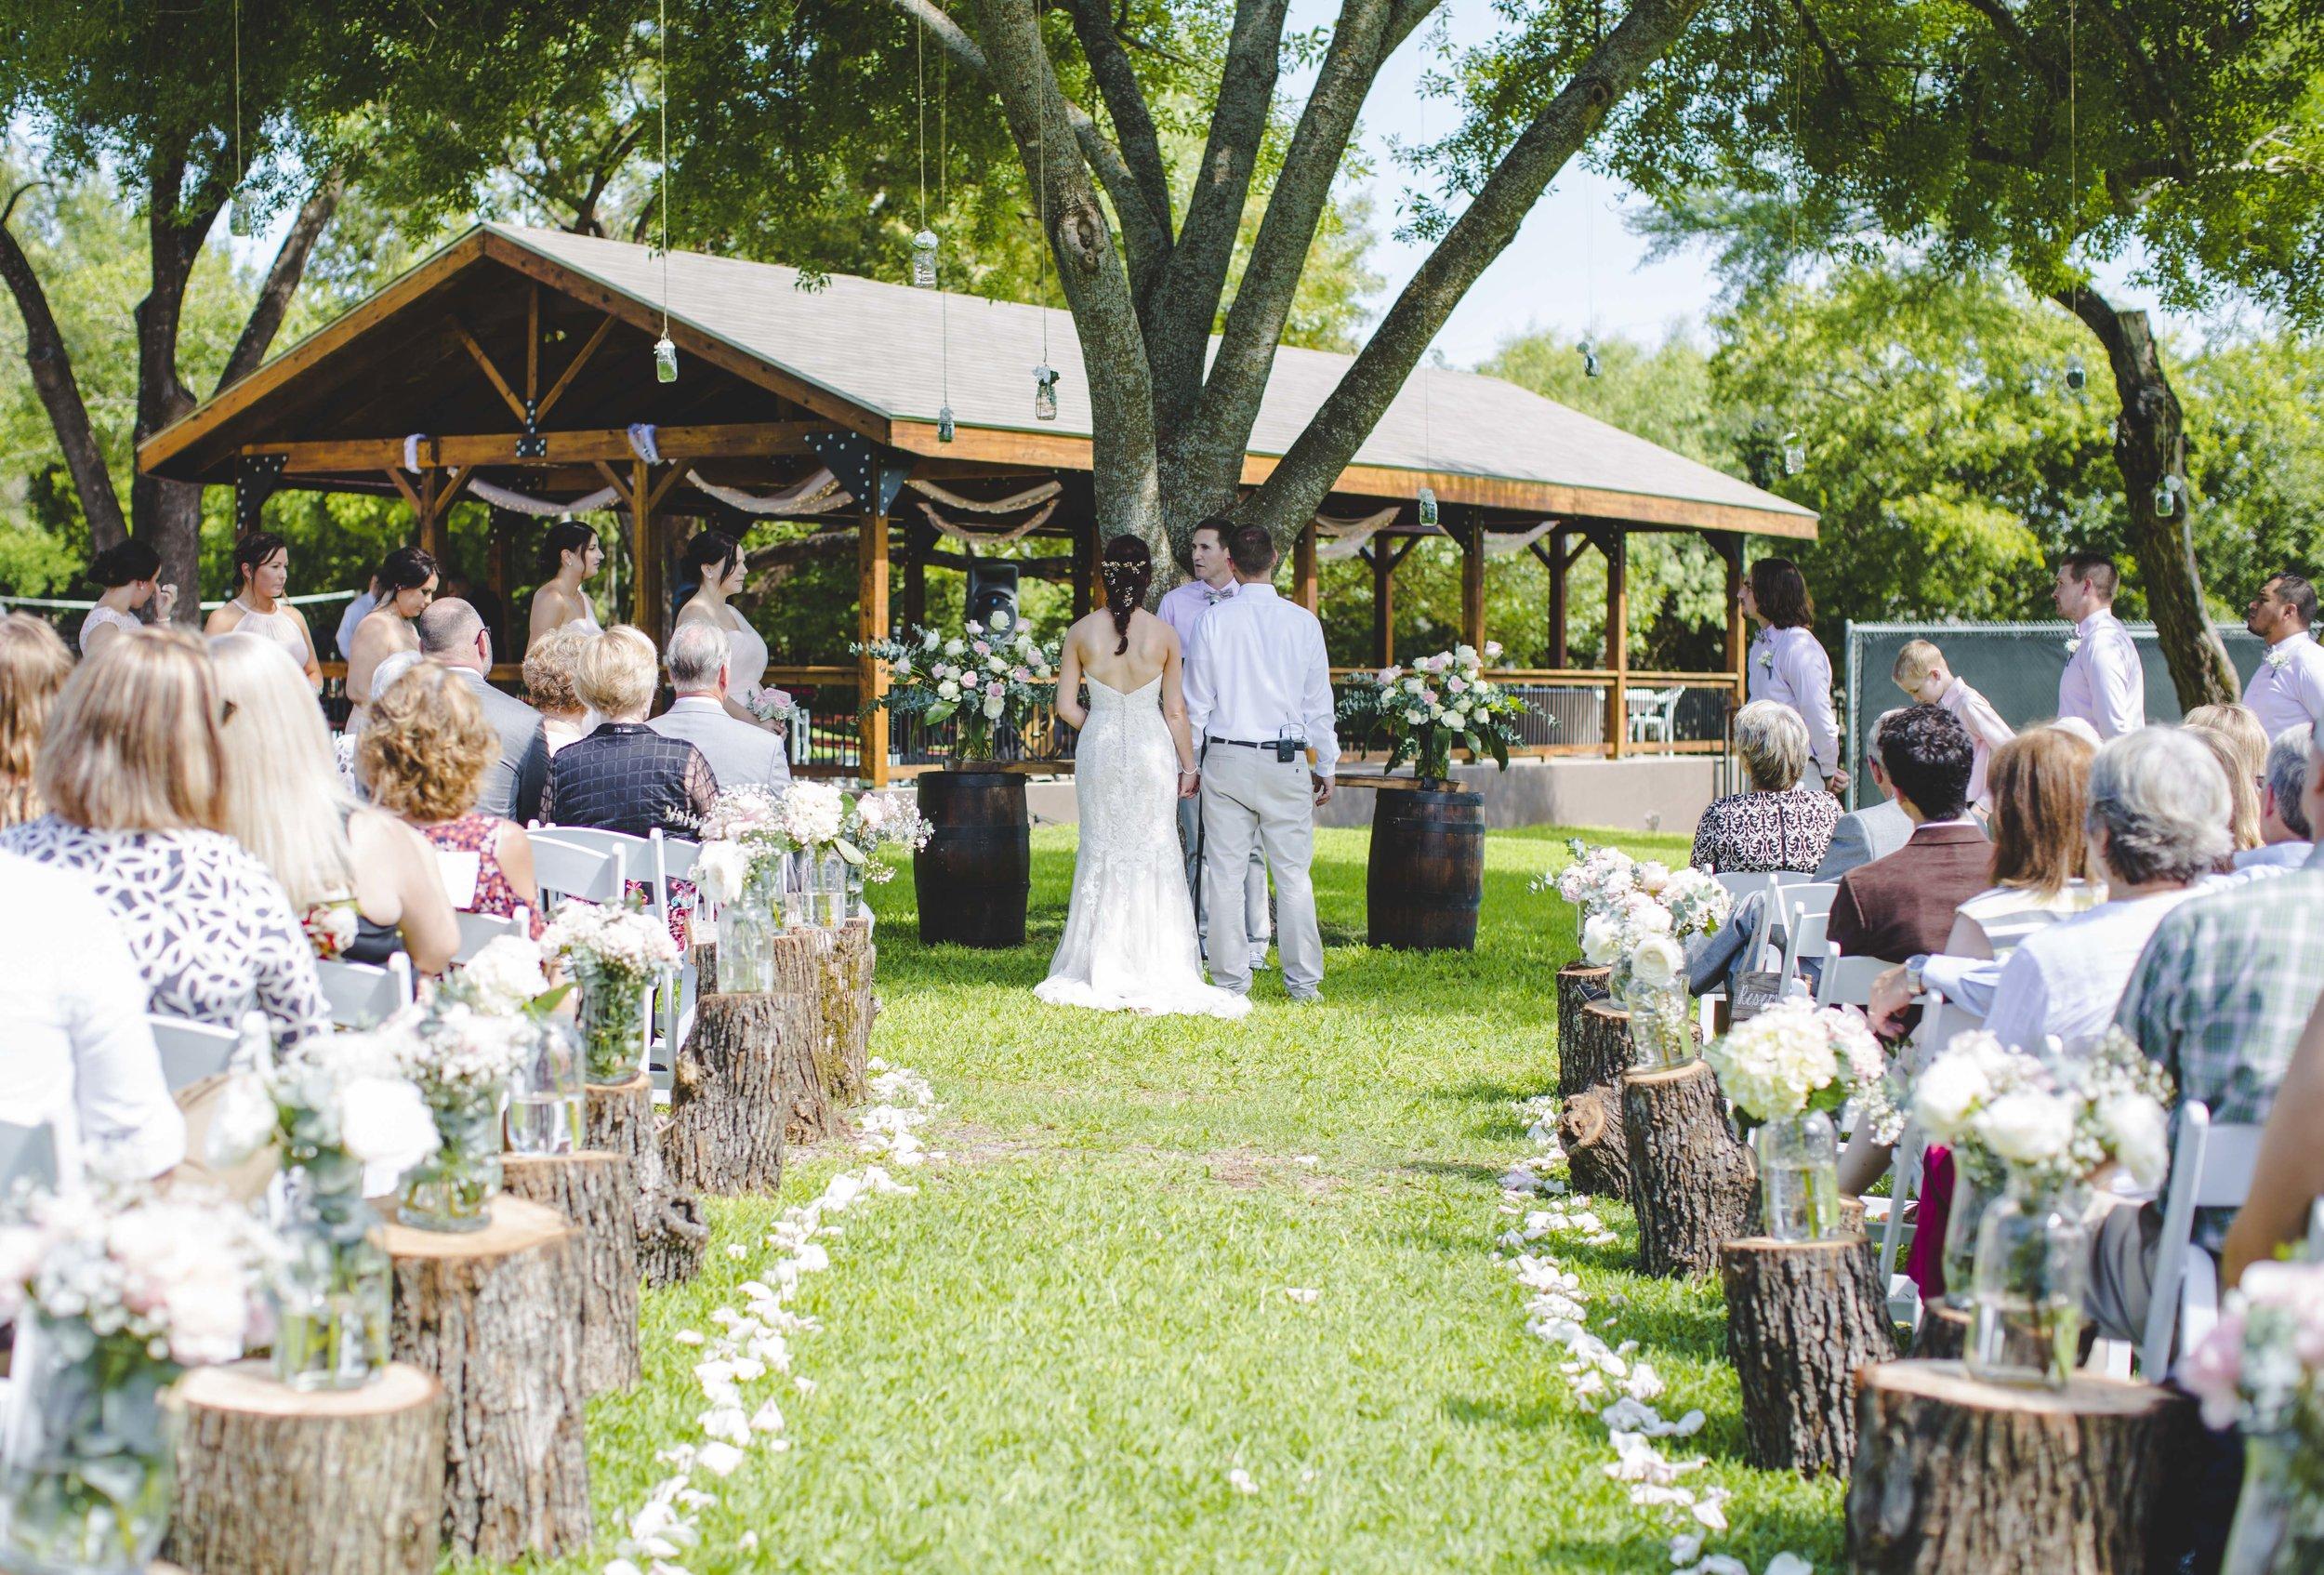 ATGI_Susanna & Matt Wedding_717A7697.jpg